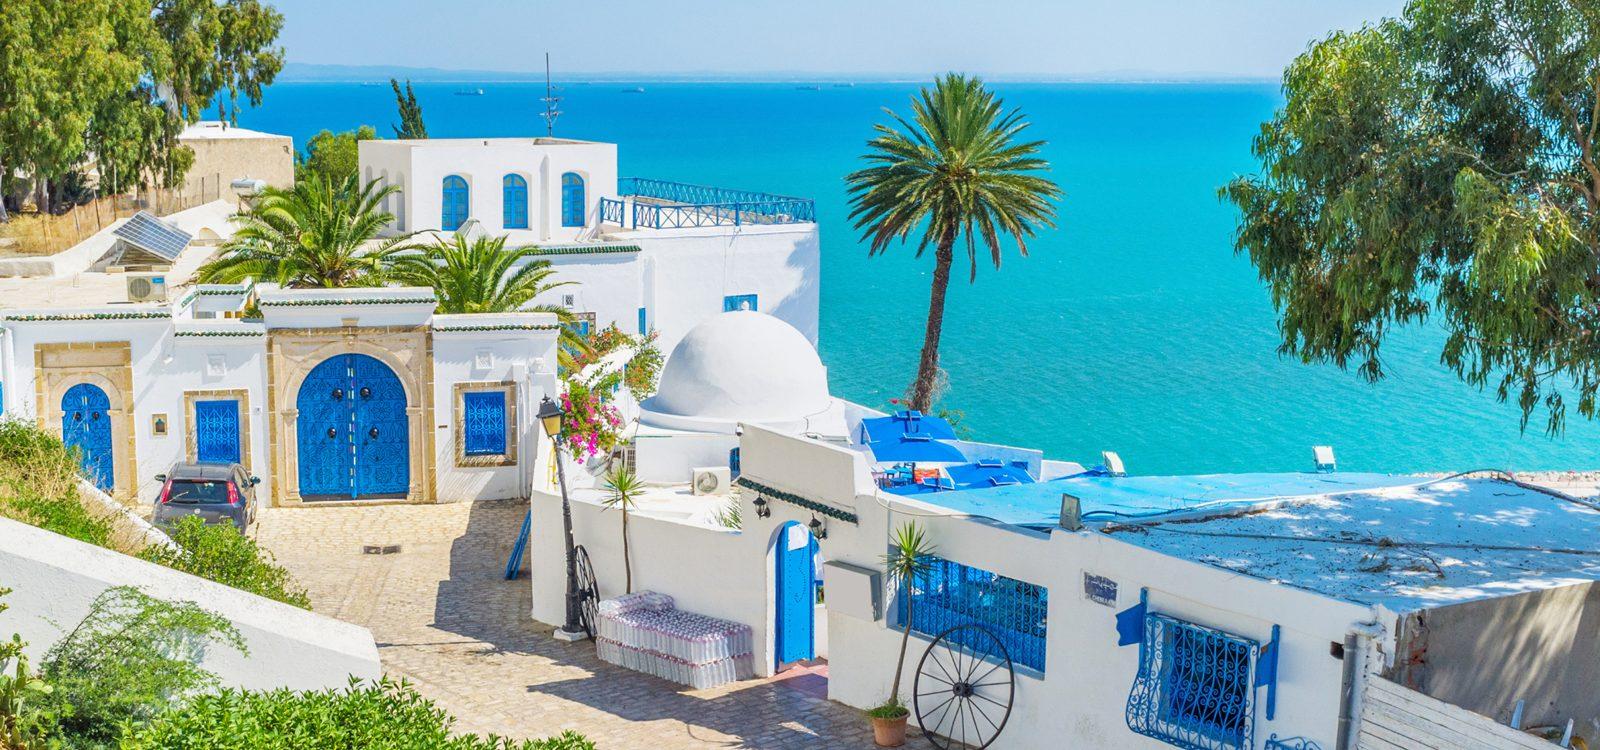 viajes a Tunez hammamet desde Galicia,